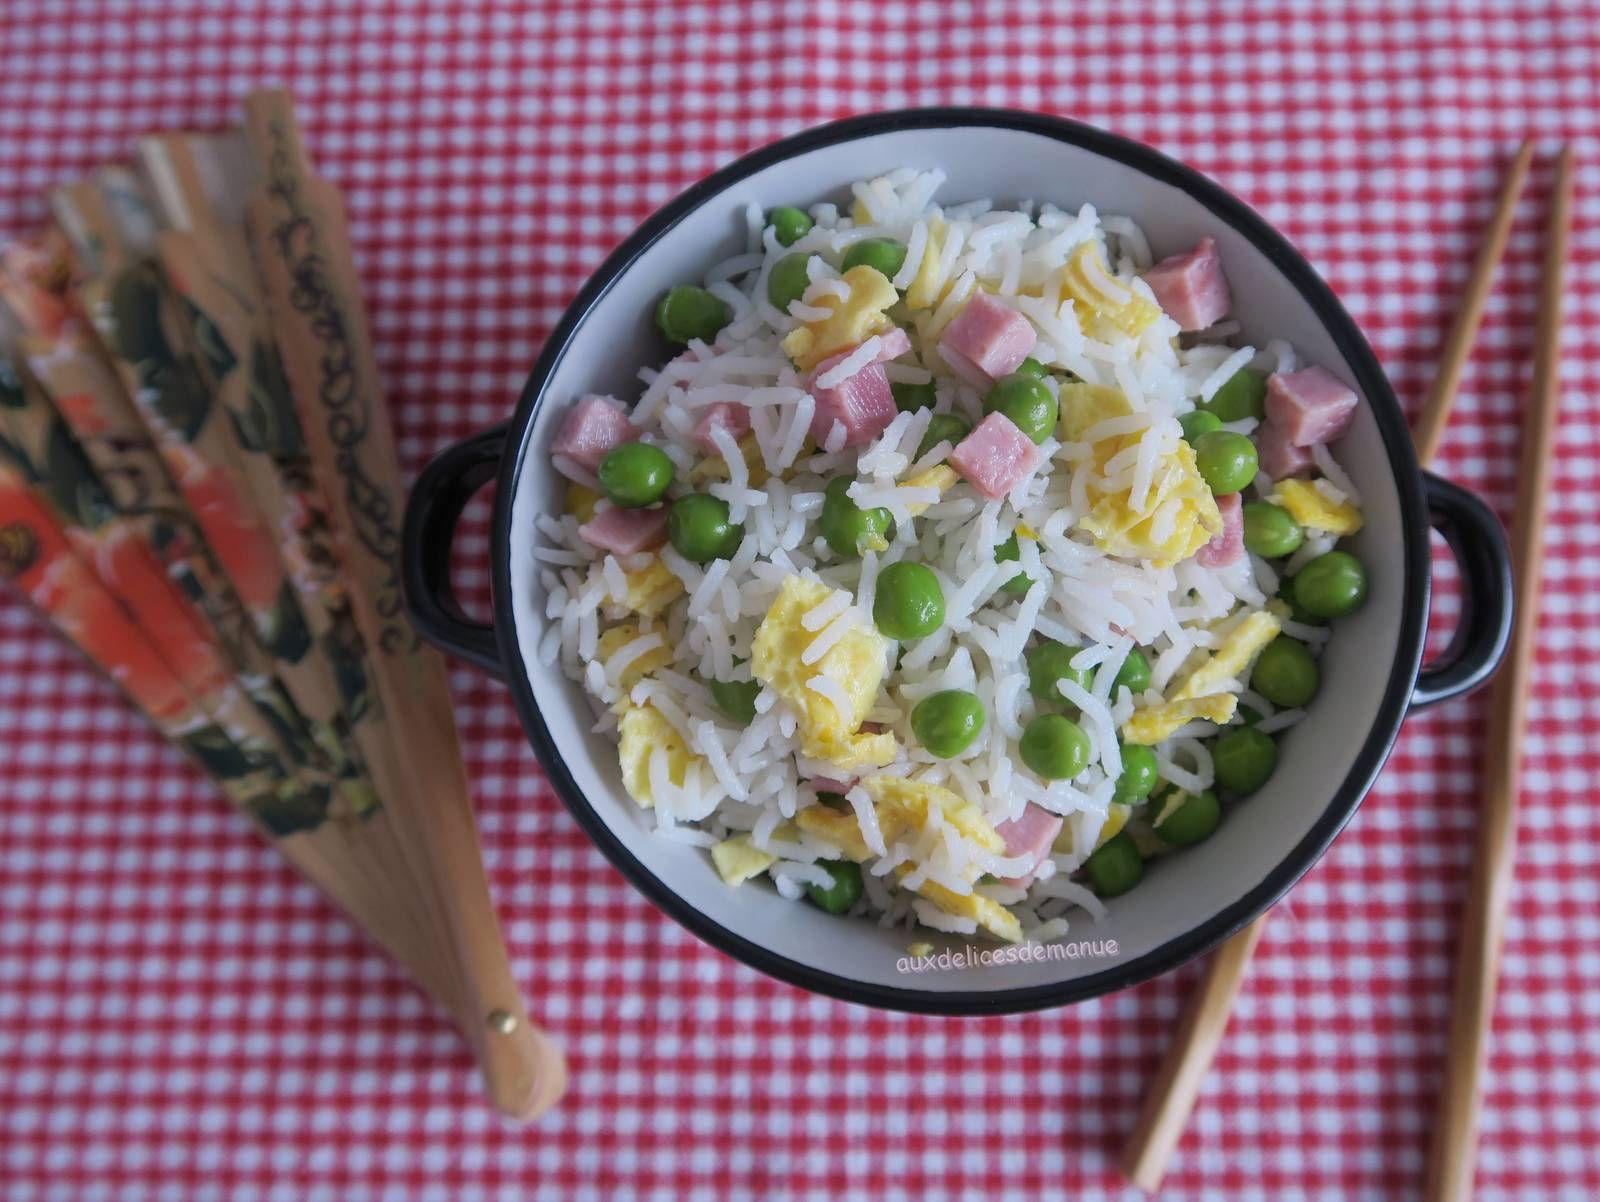 cuisine asiatique,Asie,riz,cantonais,petits-pois,Nuoc mâm